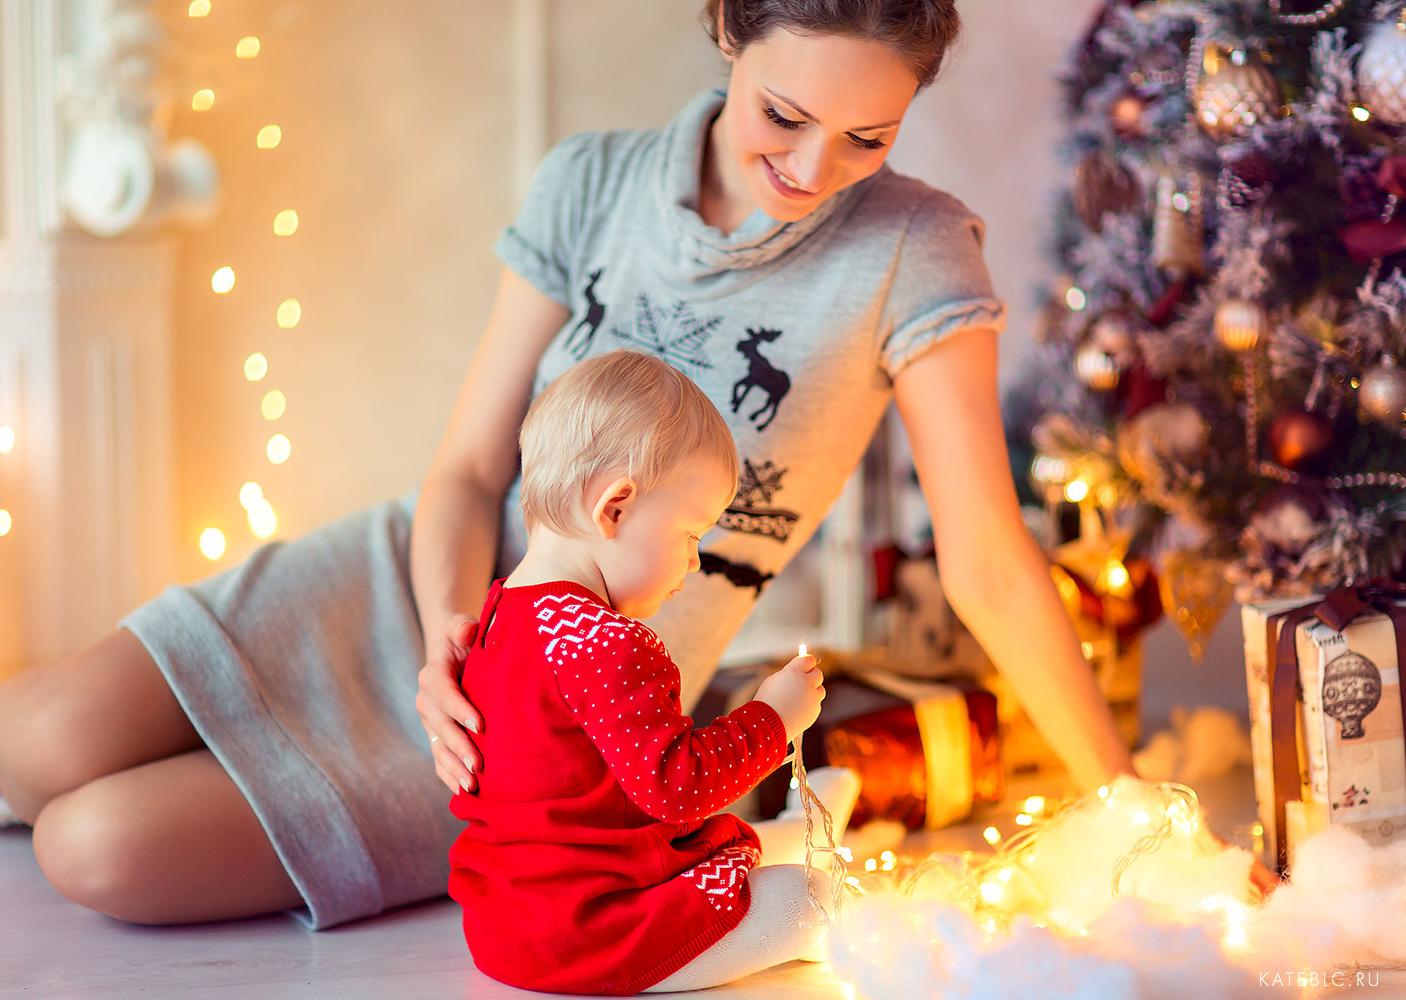 Новогодние фотосессии в студии с маленьким ребенком. Детский и семейный фотограф Катрин Белоцерковская